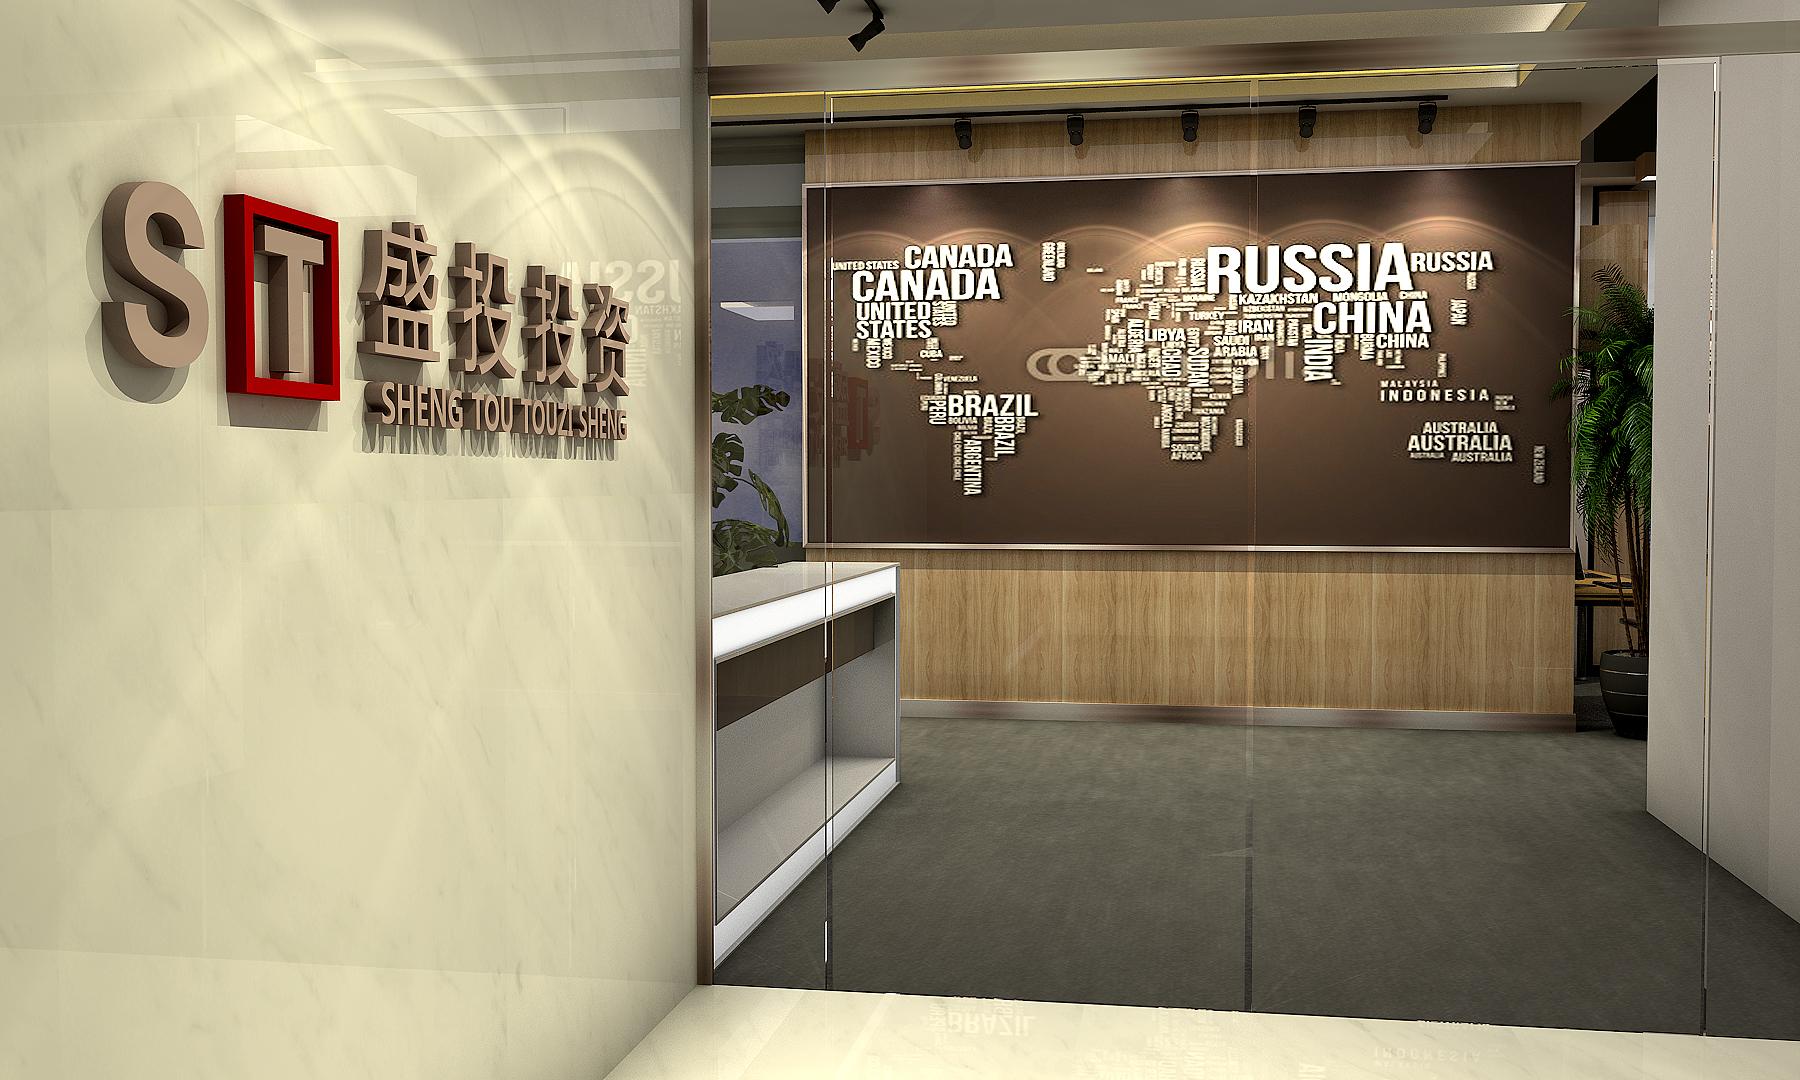 办公室设计/室内设计装修设计效果图制作工装效果图设计空间设计